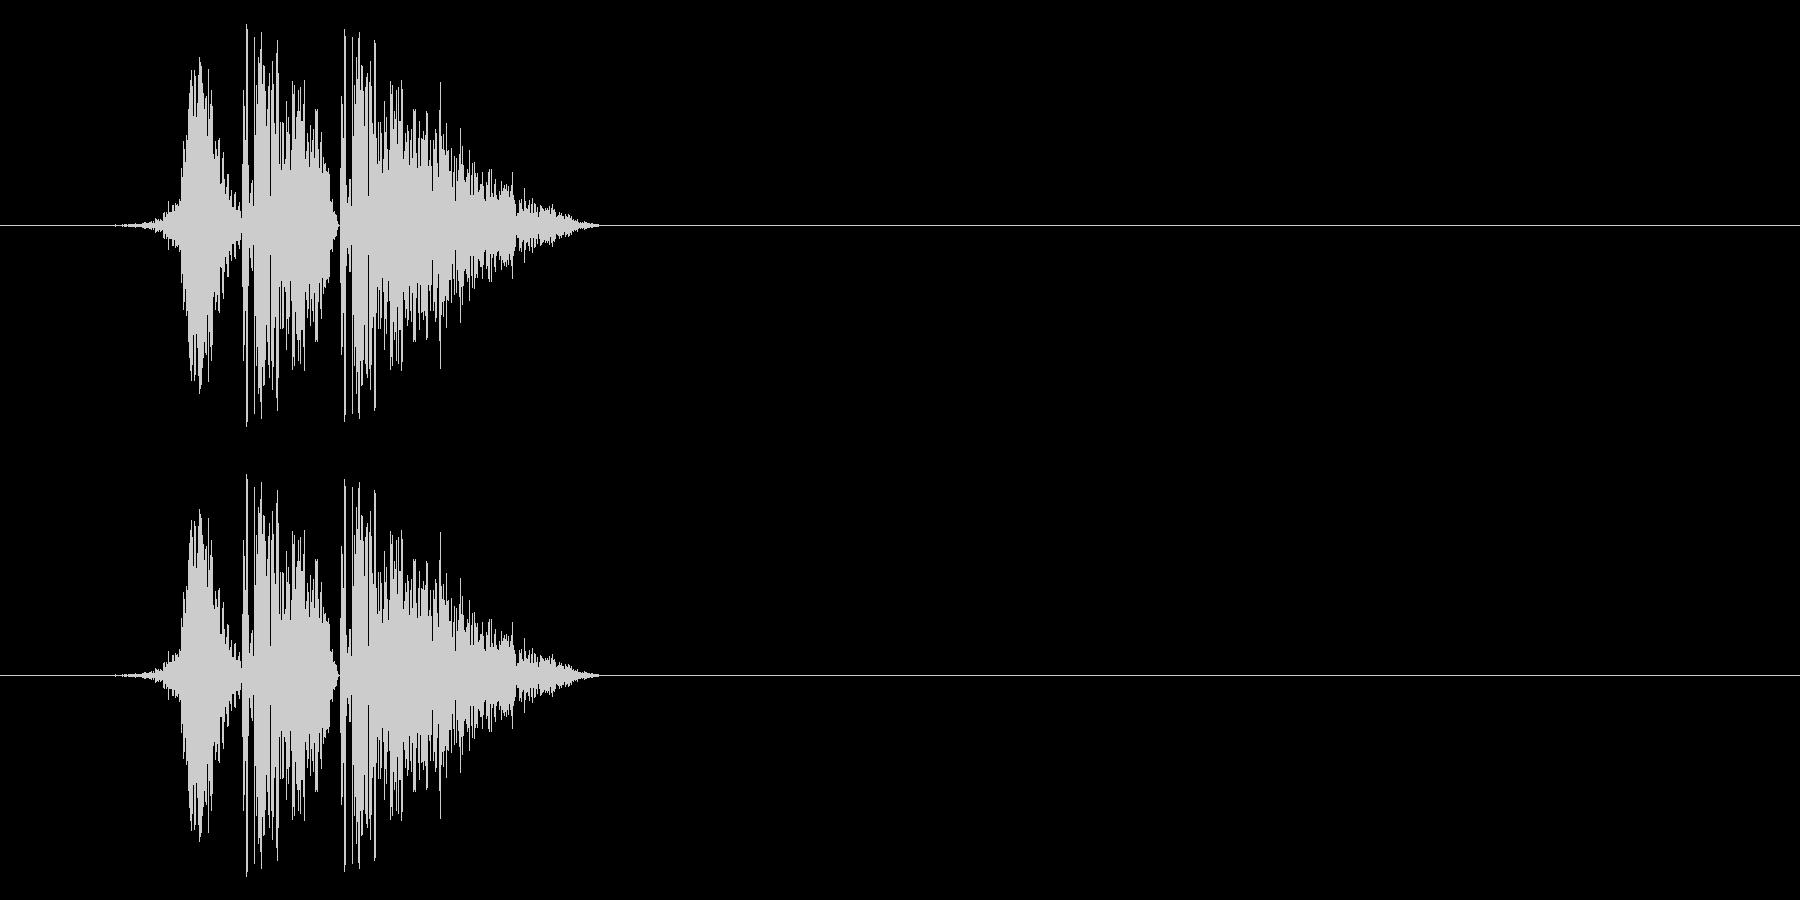 打撃08-4の未再生の波形